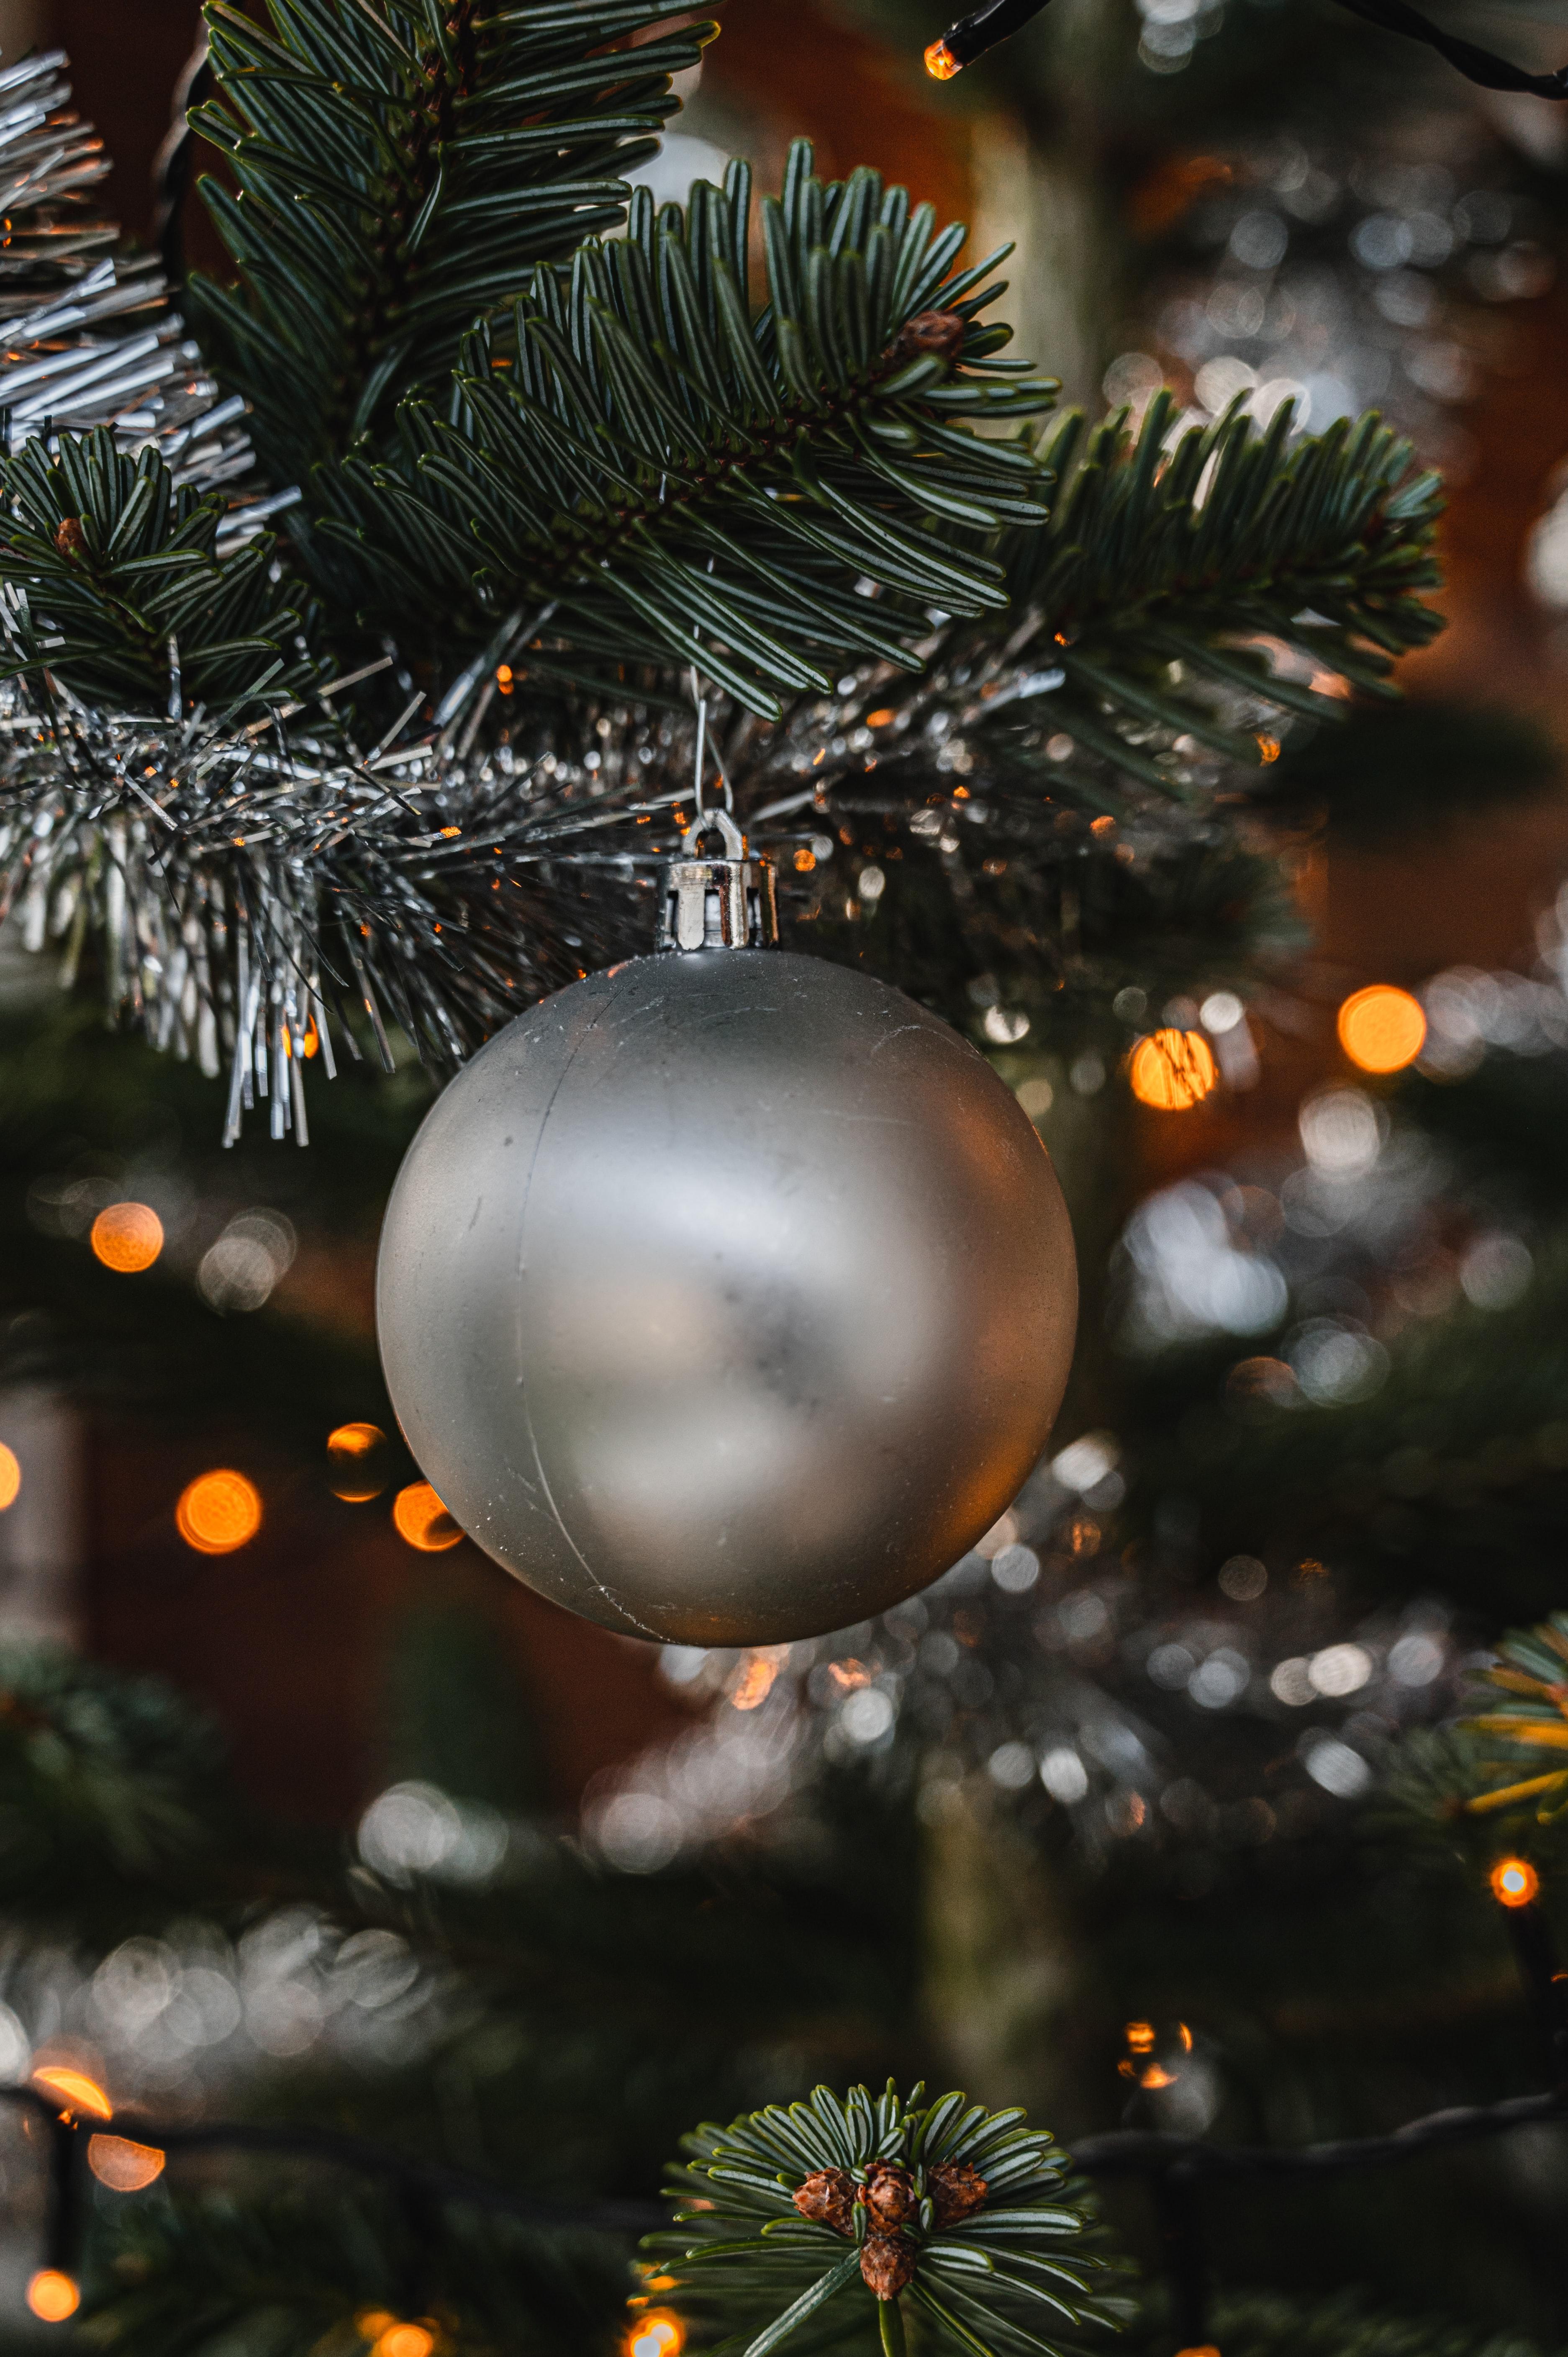 147472 скачать обои Праздники, Рождество, Новый Год, Серый, Шар, Елка, Украшение - заставки и картинки бесплатно